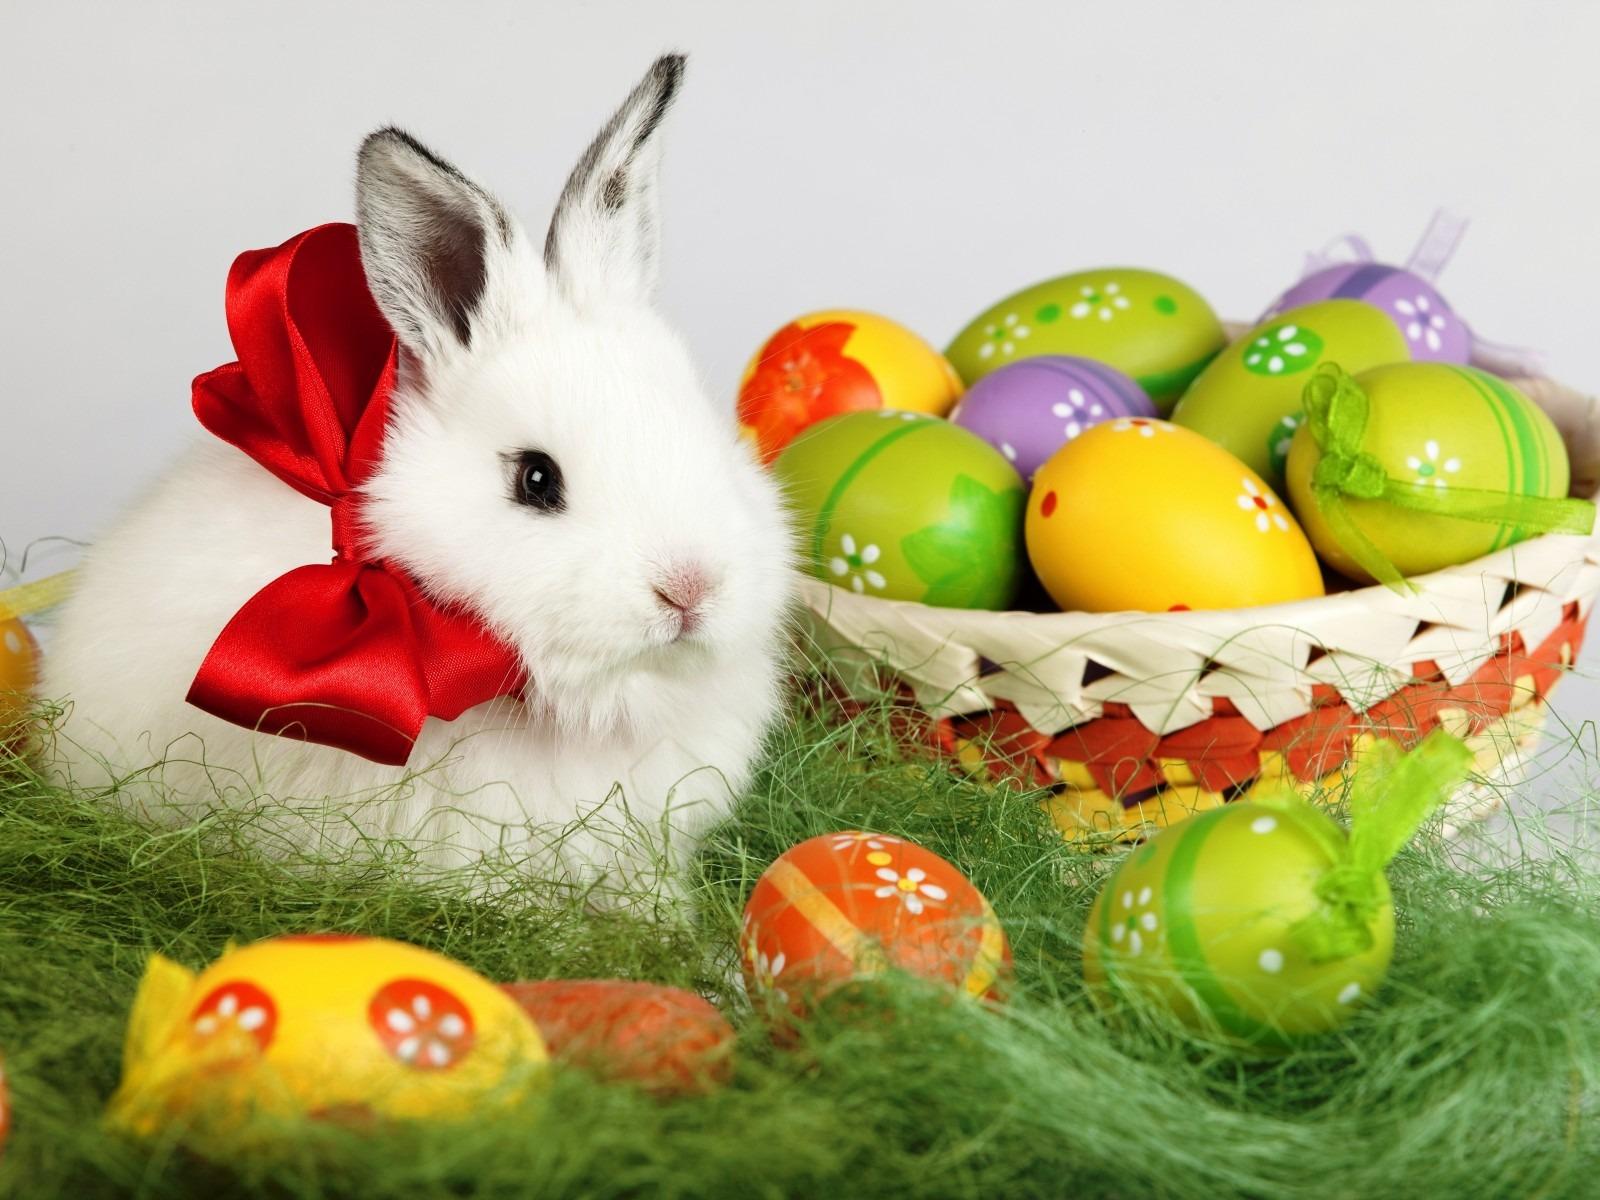 Easter Bunny Desktop Wallpaper 1600x1200